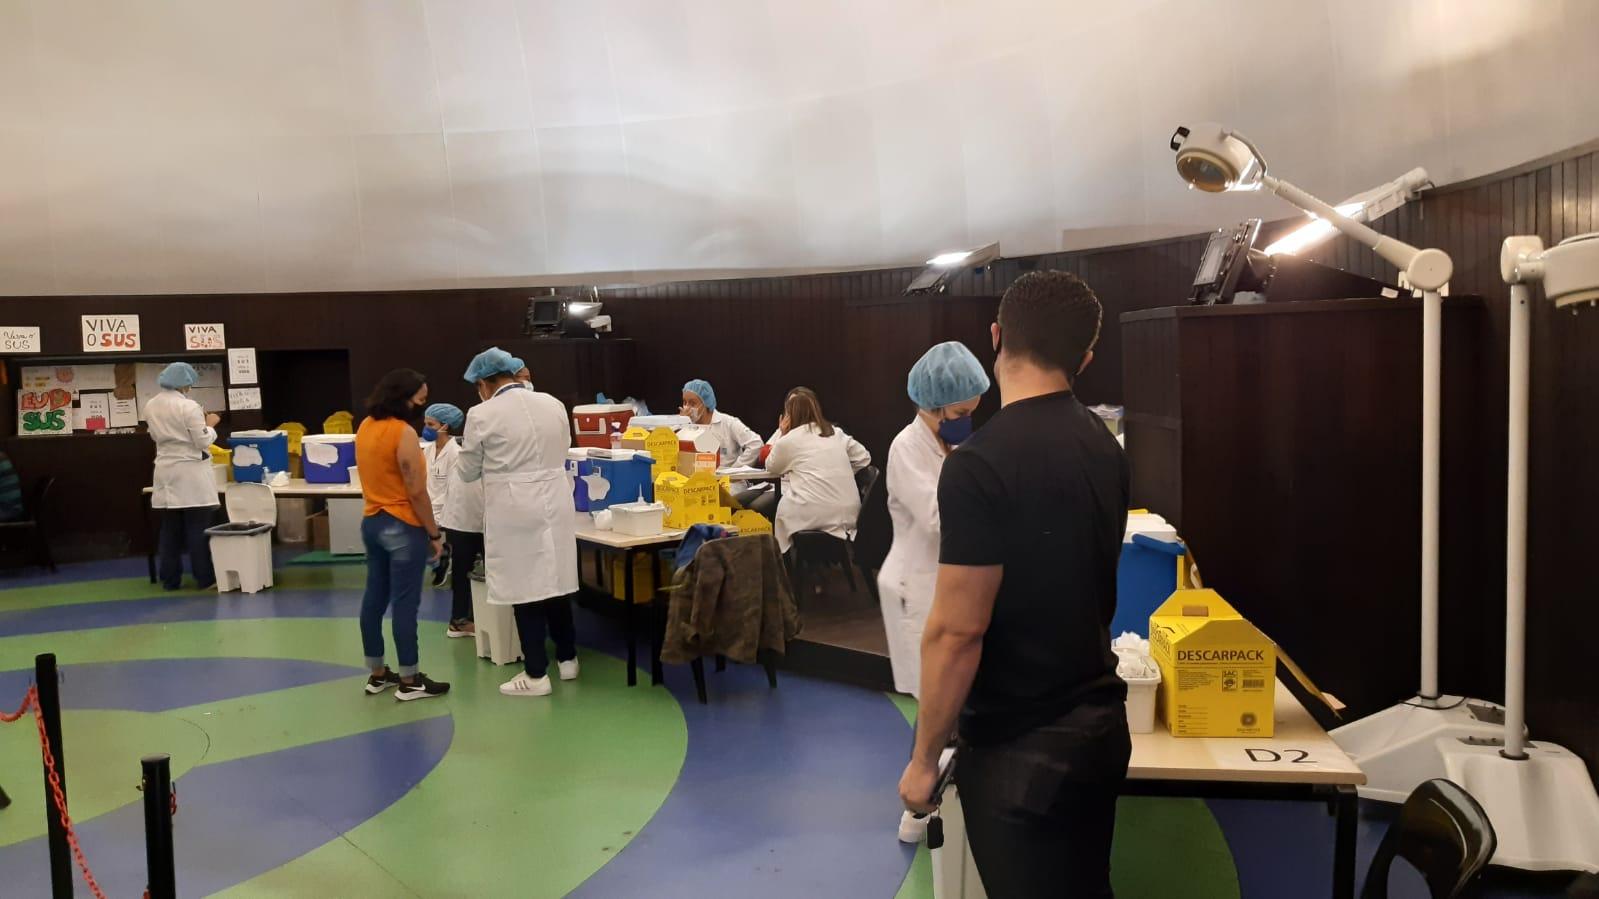 Na imagem, agentes da prefeitura na campanha de vacinação contra a covid-19